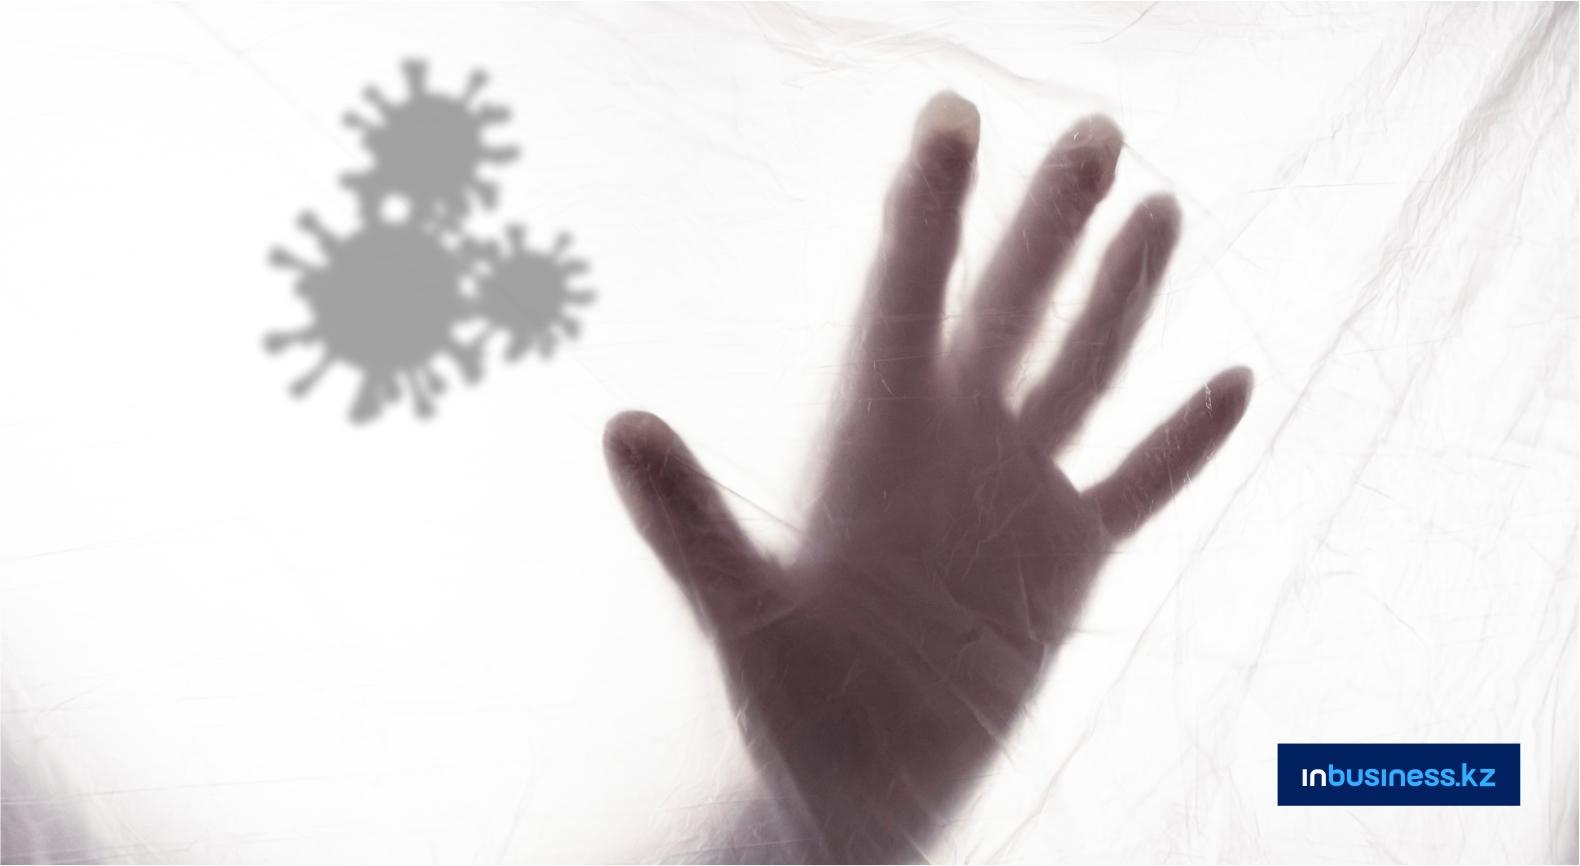 306 человек находятся в тяжелом состоянии из-за коронавируса